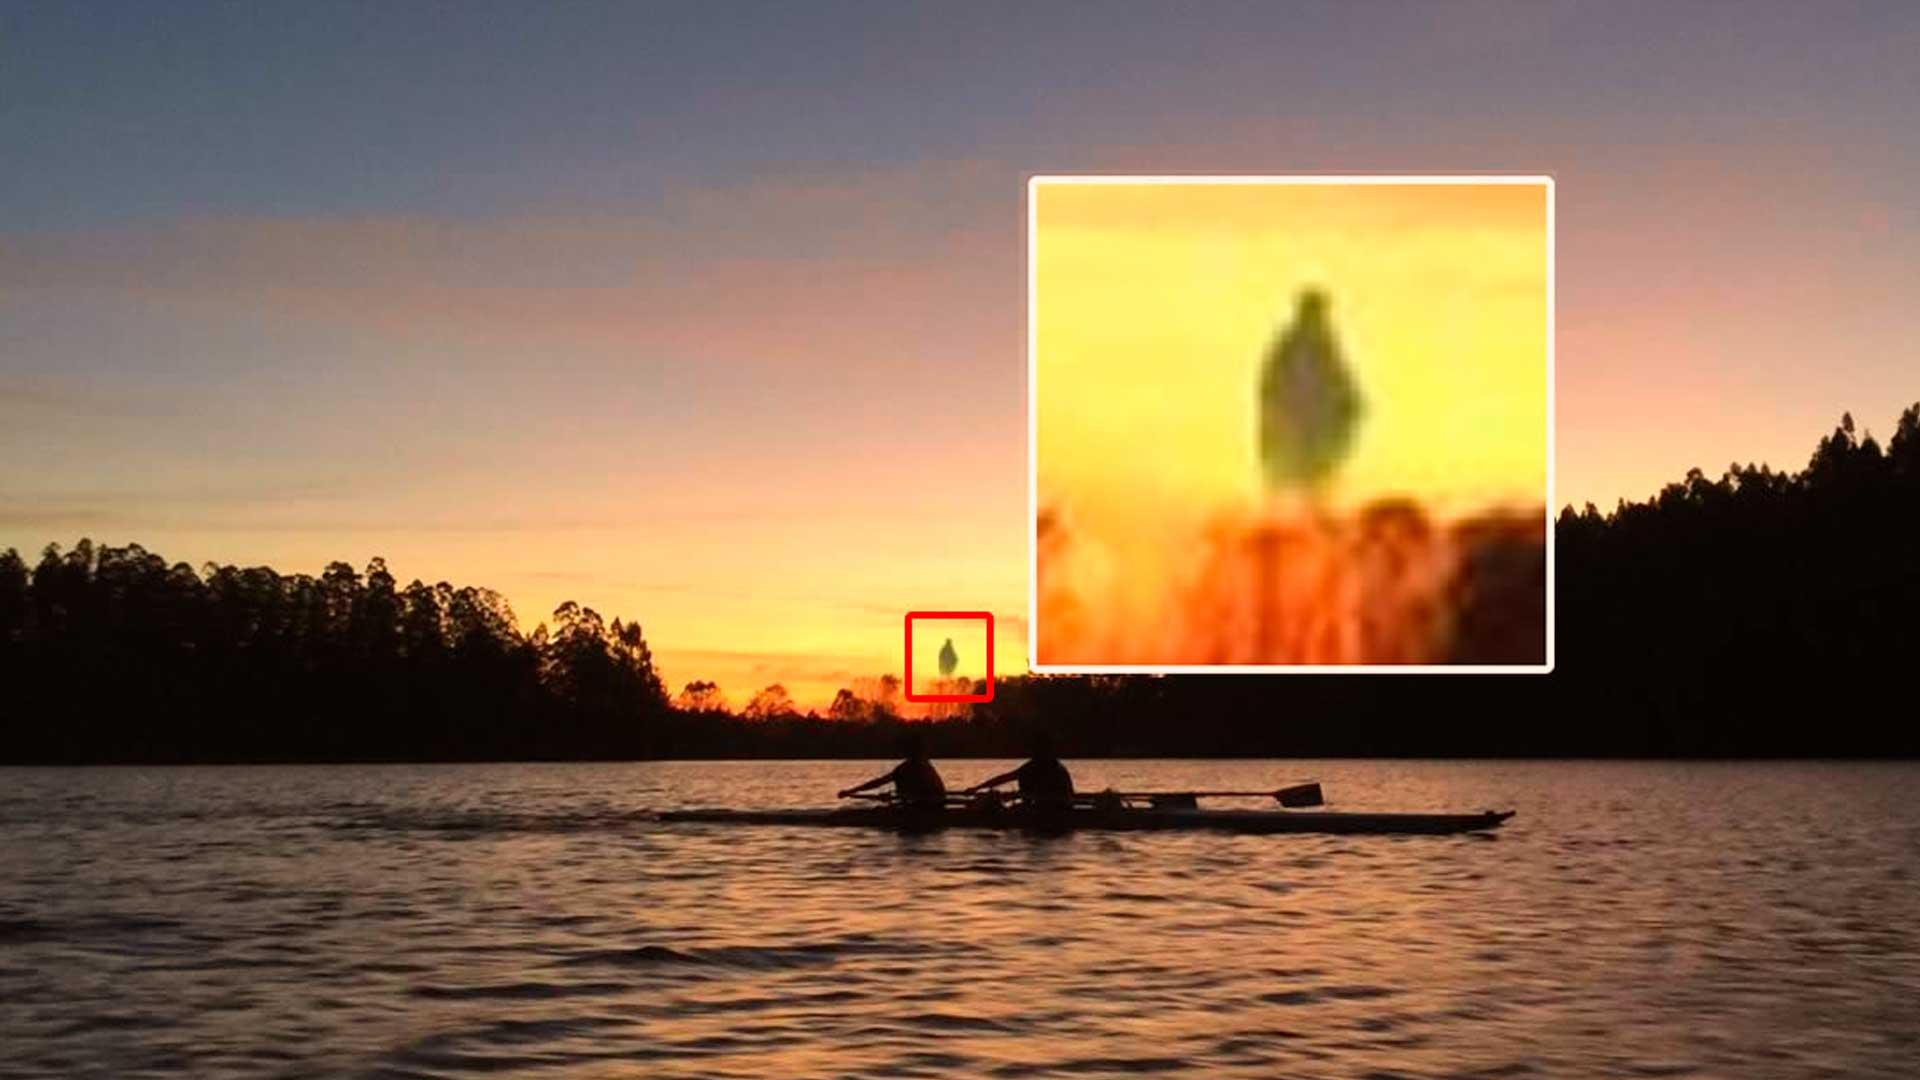 Publican fotografías con forma humanoide en Chile en el horizonte ¿de qué se trata?